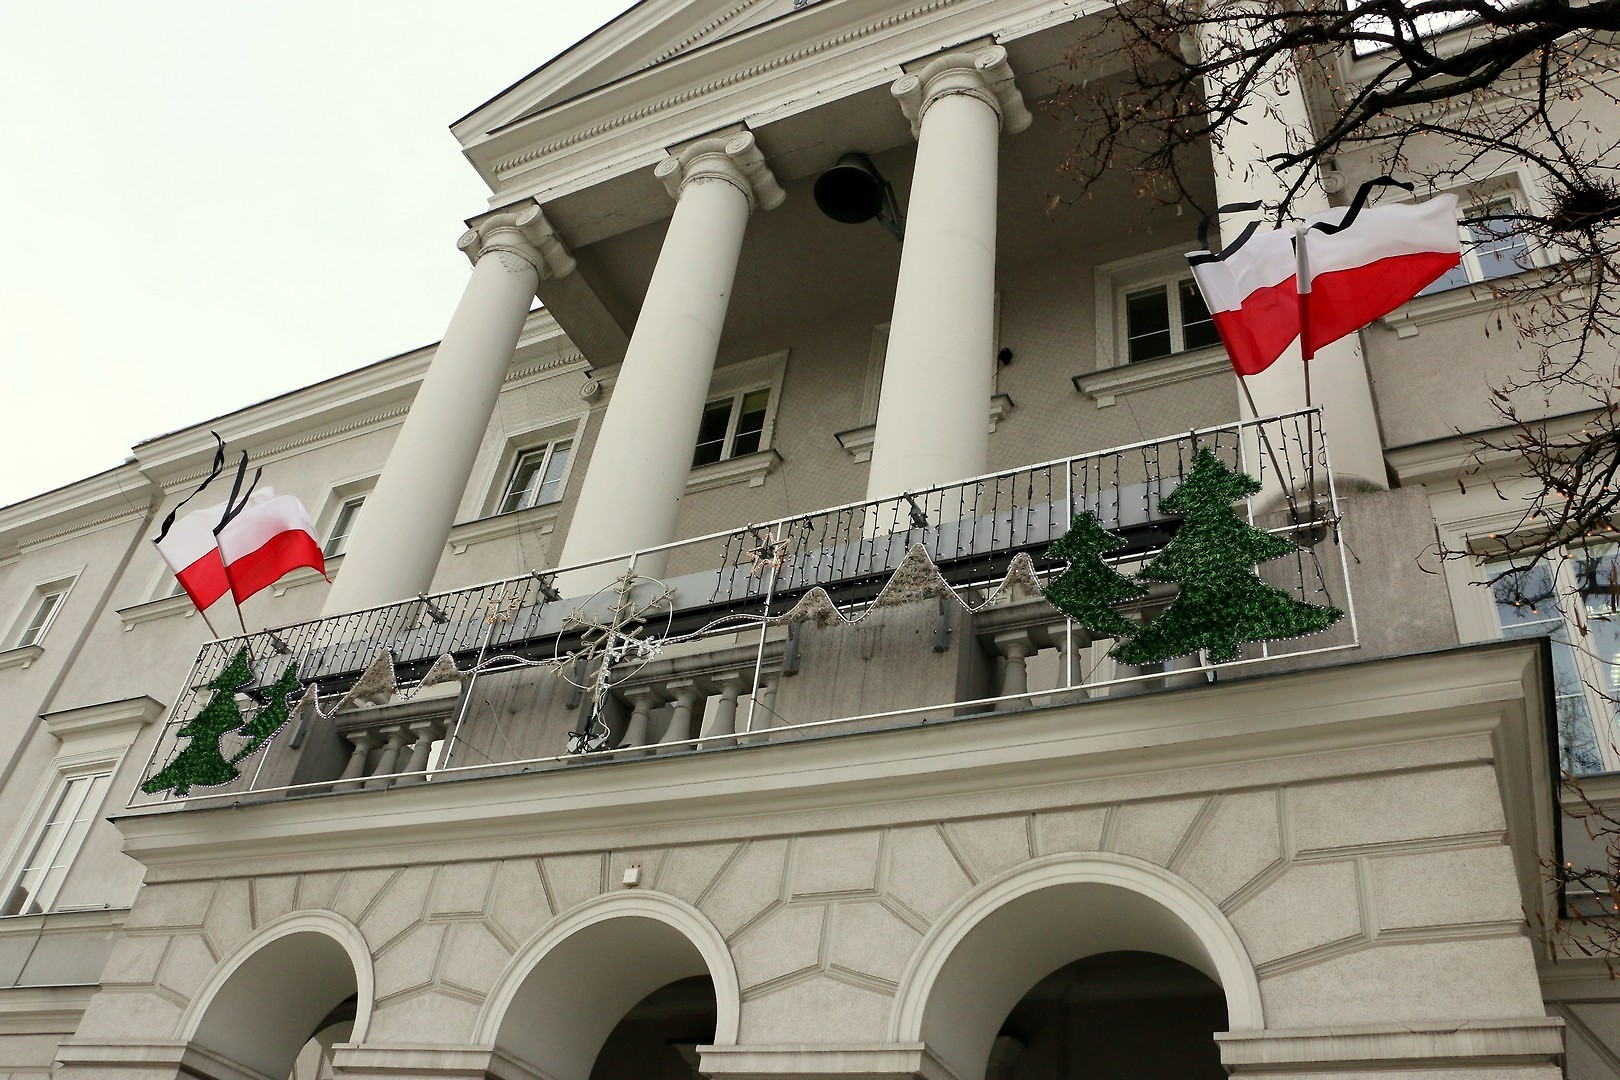 Na budynkach Urzędu Miasta Kielce oraz budynkach jednostek organizacyjnych miasta umieszczone są flagi z kirem (fot.um.kielce.pl)